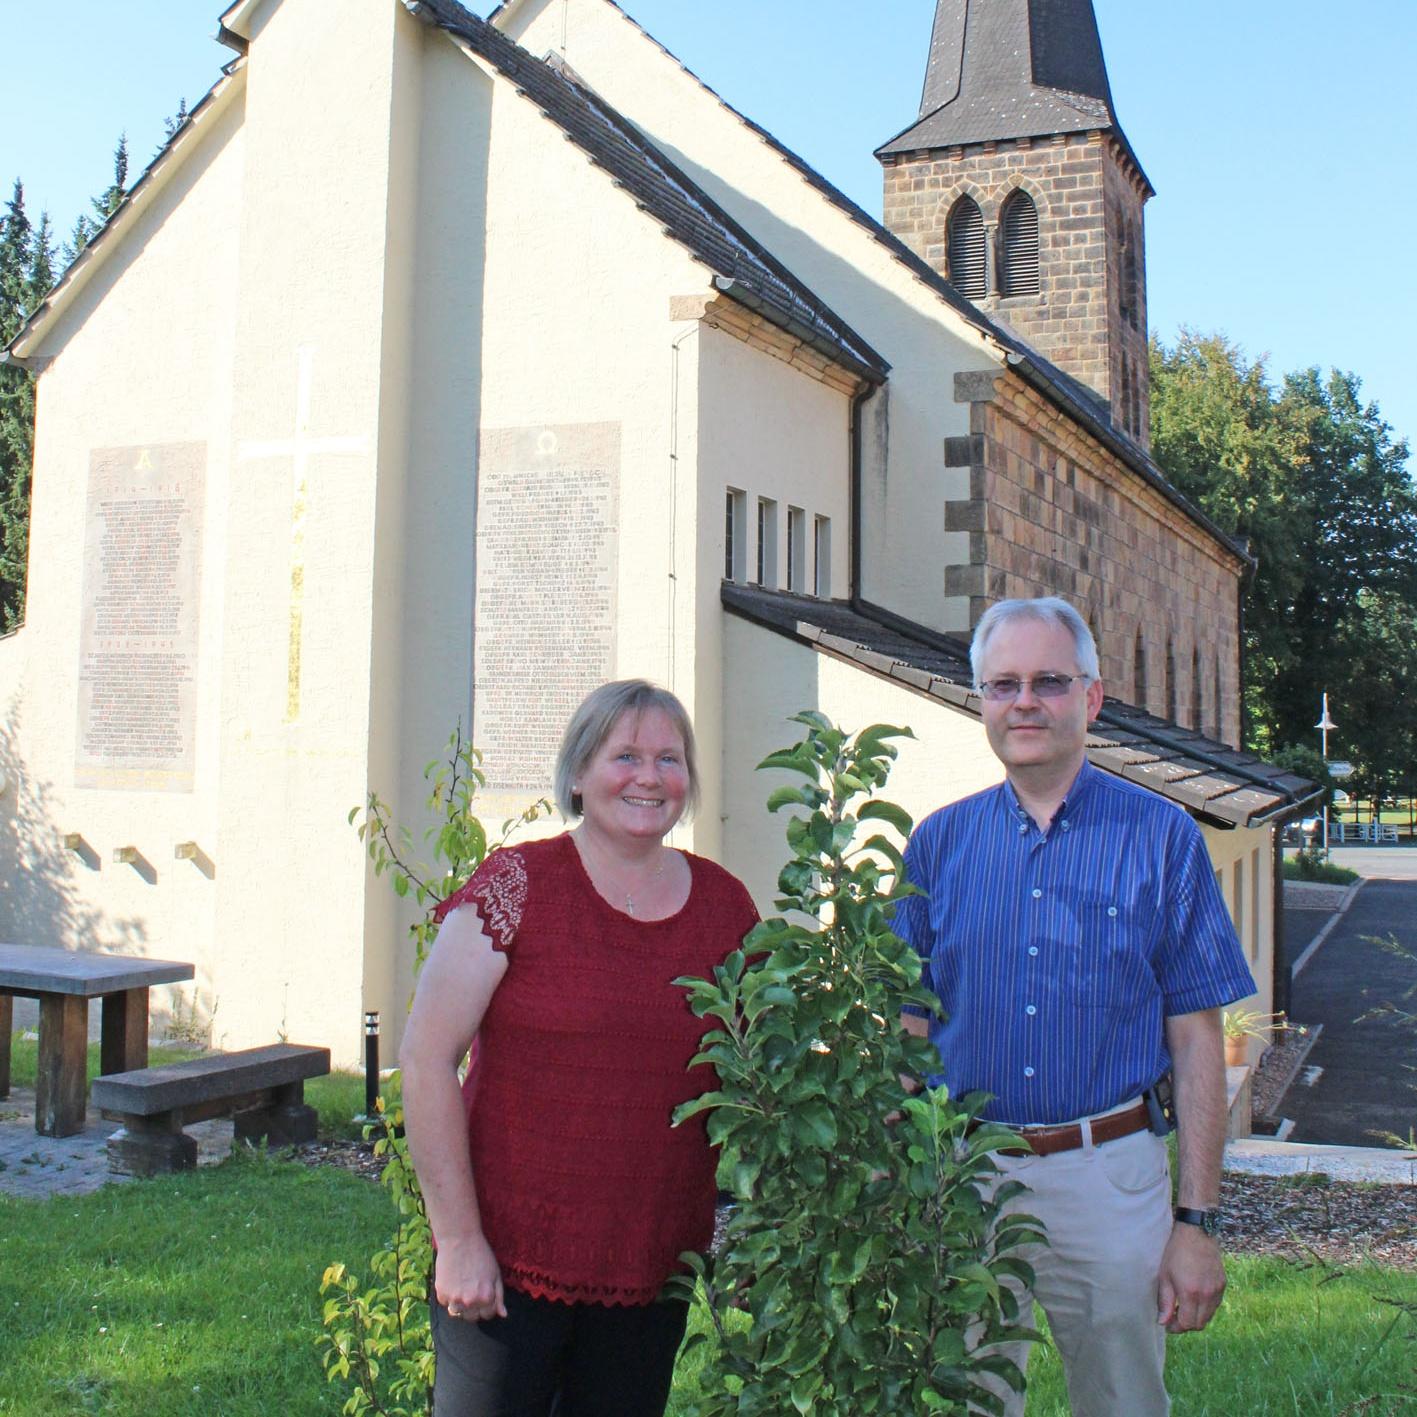 PFARREHEPAAR WECHSELT von Bad Driburg nach Siegen-Weidenau Abschiedsschmerz und Vorfreude